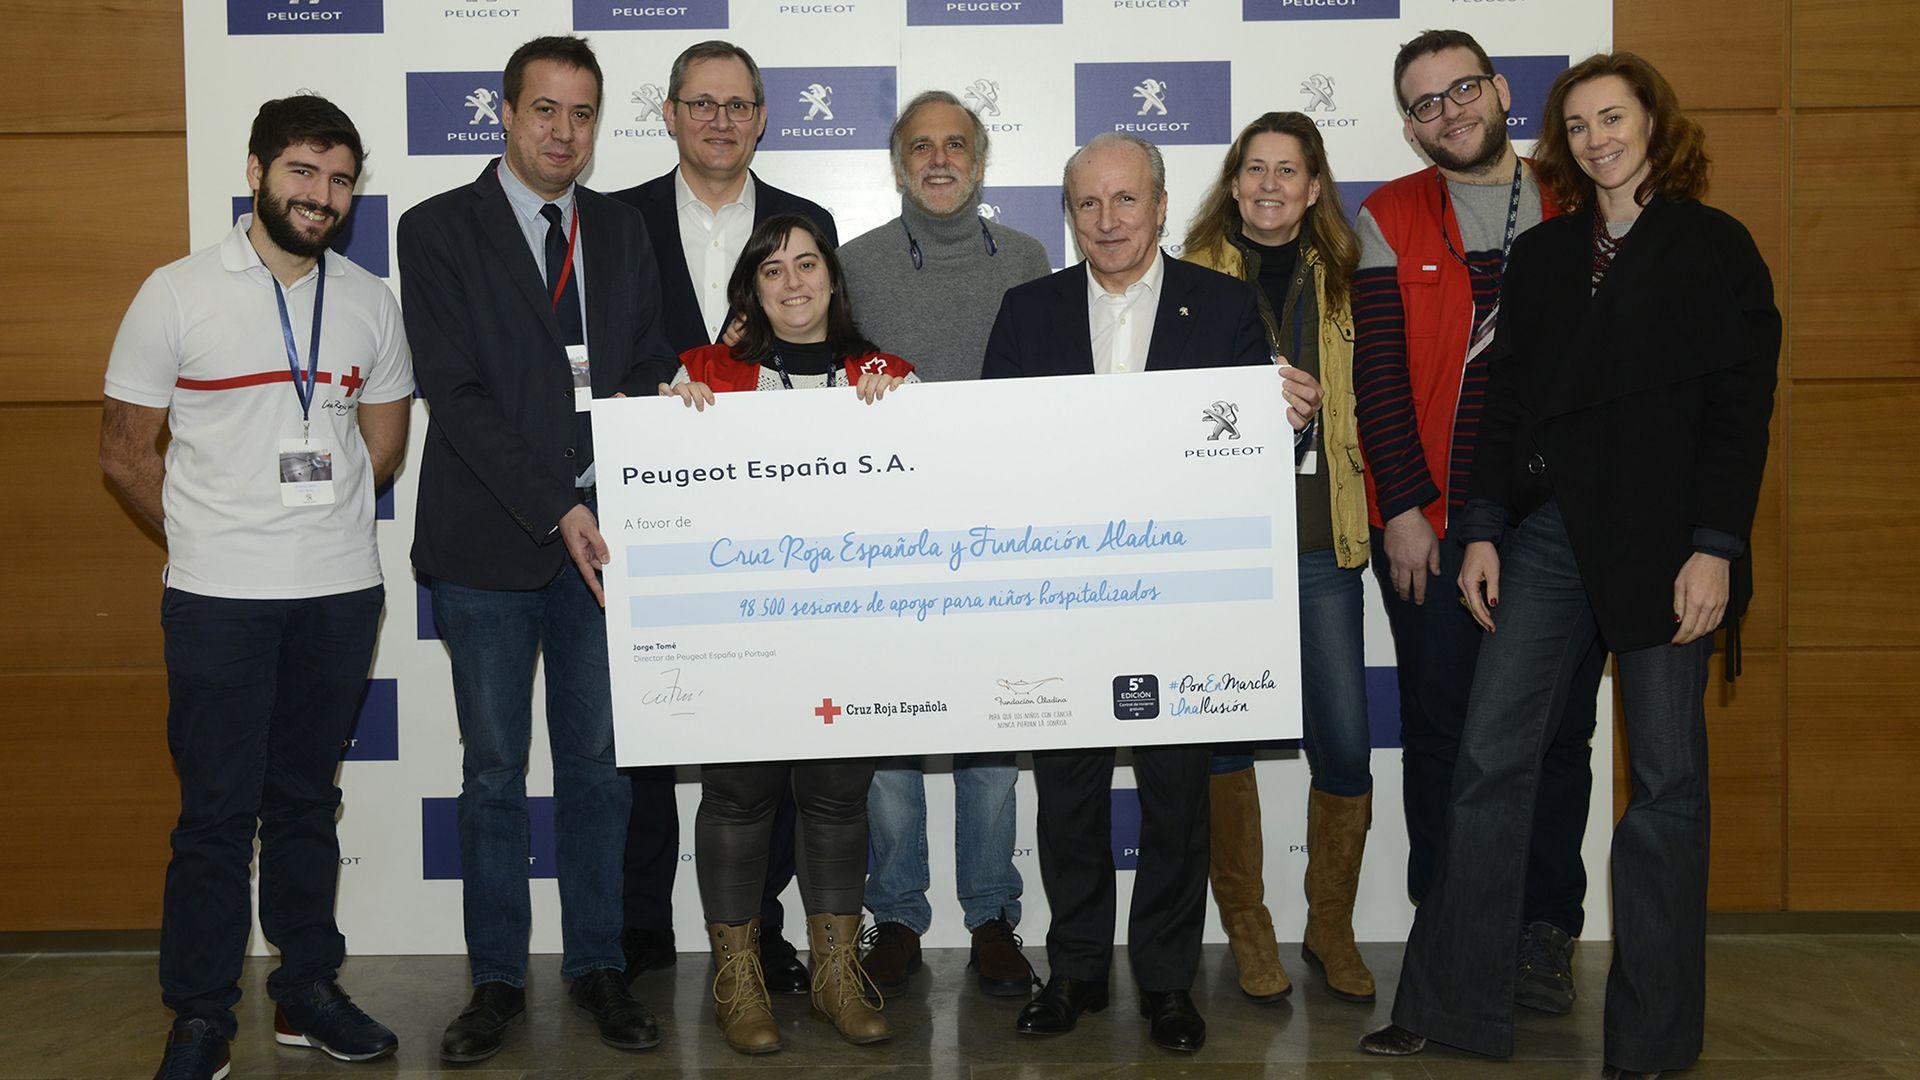 """La campaña """"Control de Invierno gratis y solidario"""" recauda 98.500 sesiones de apoyo para niños hospitalizados"""